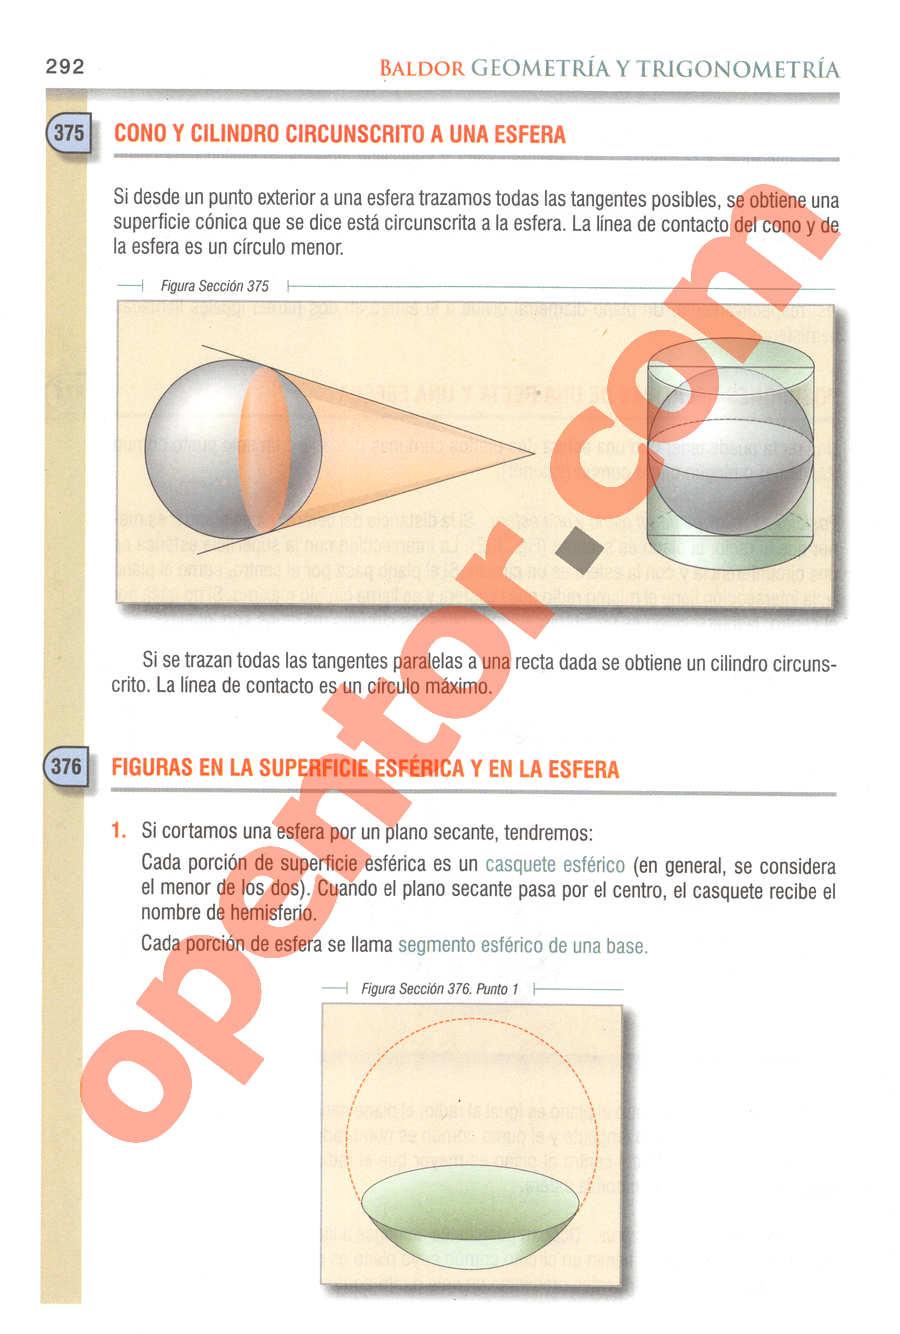 Geometría y Trigonometría de Baldor - Página 292